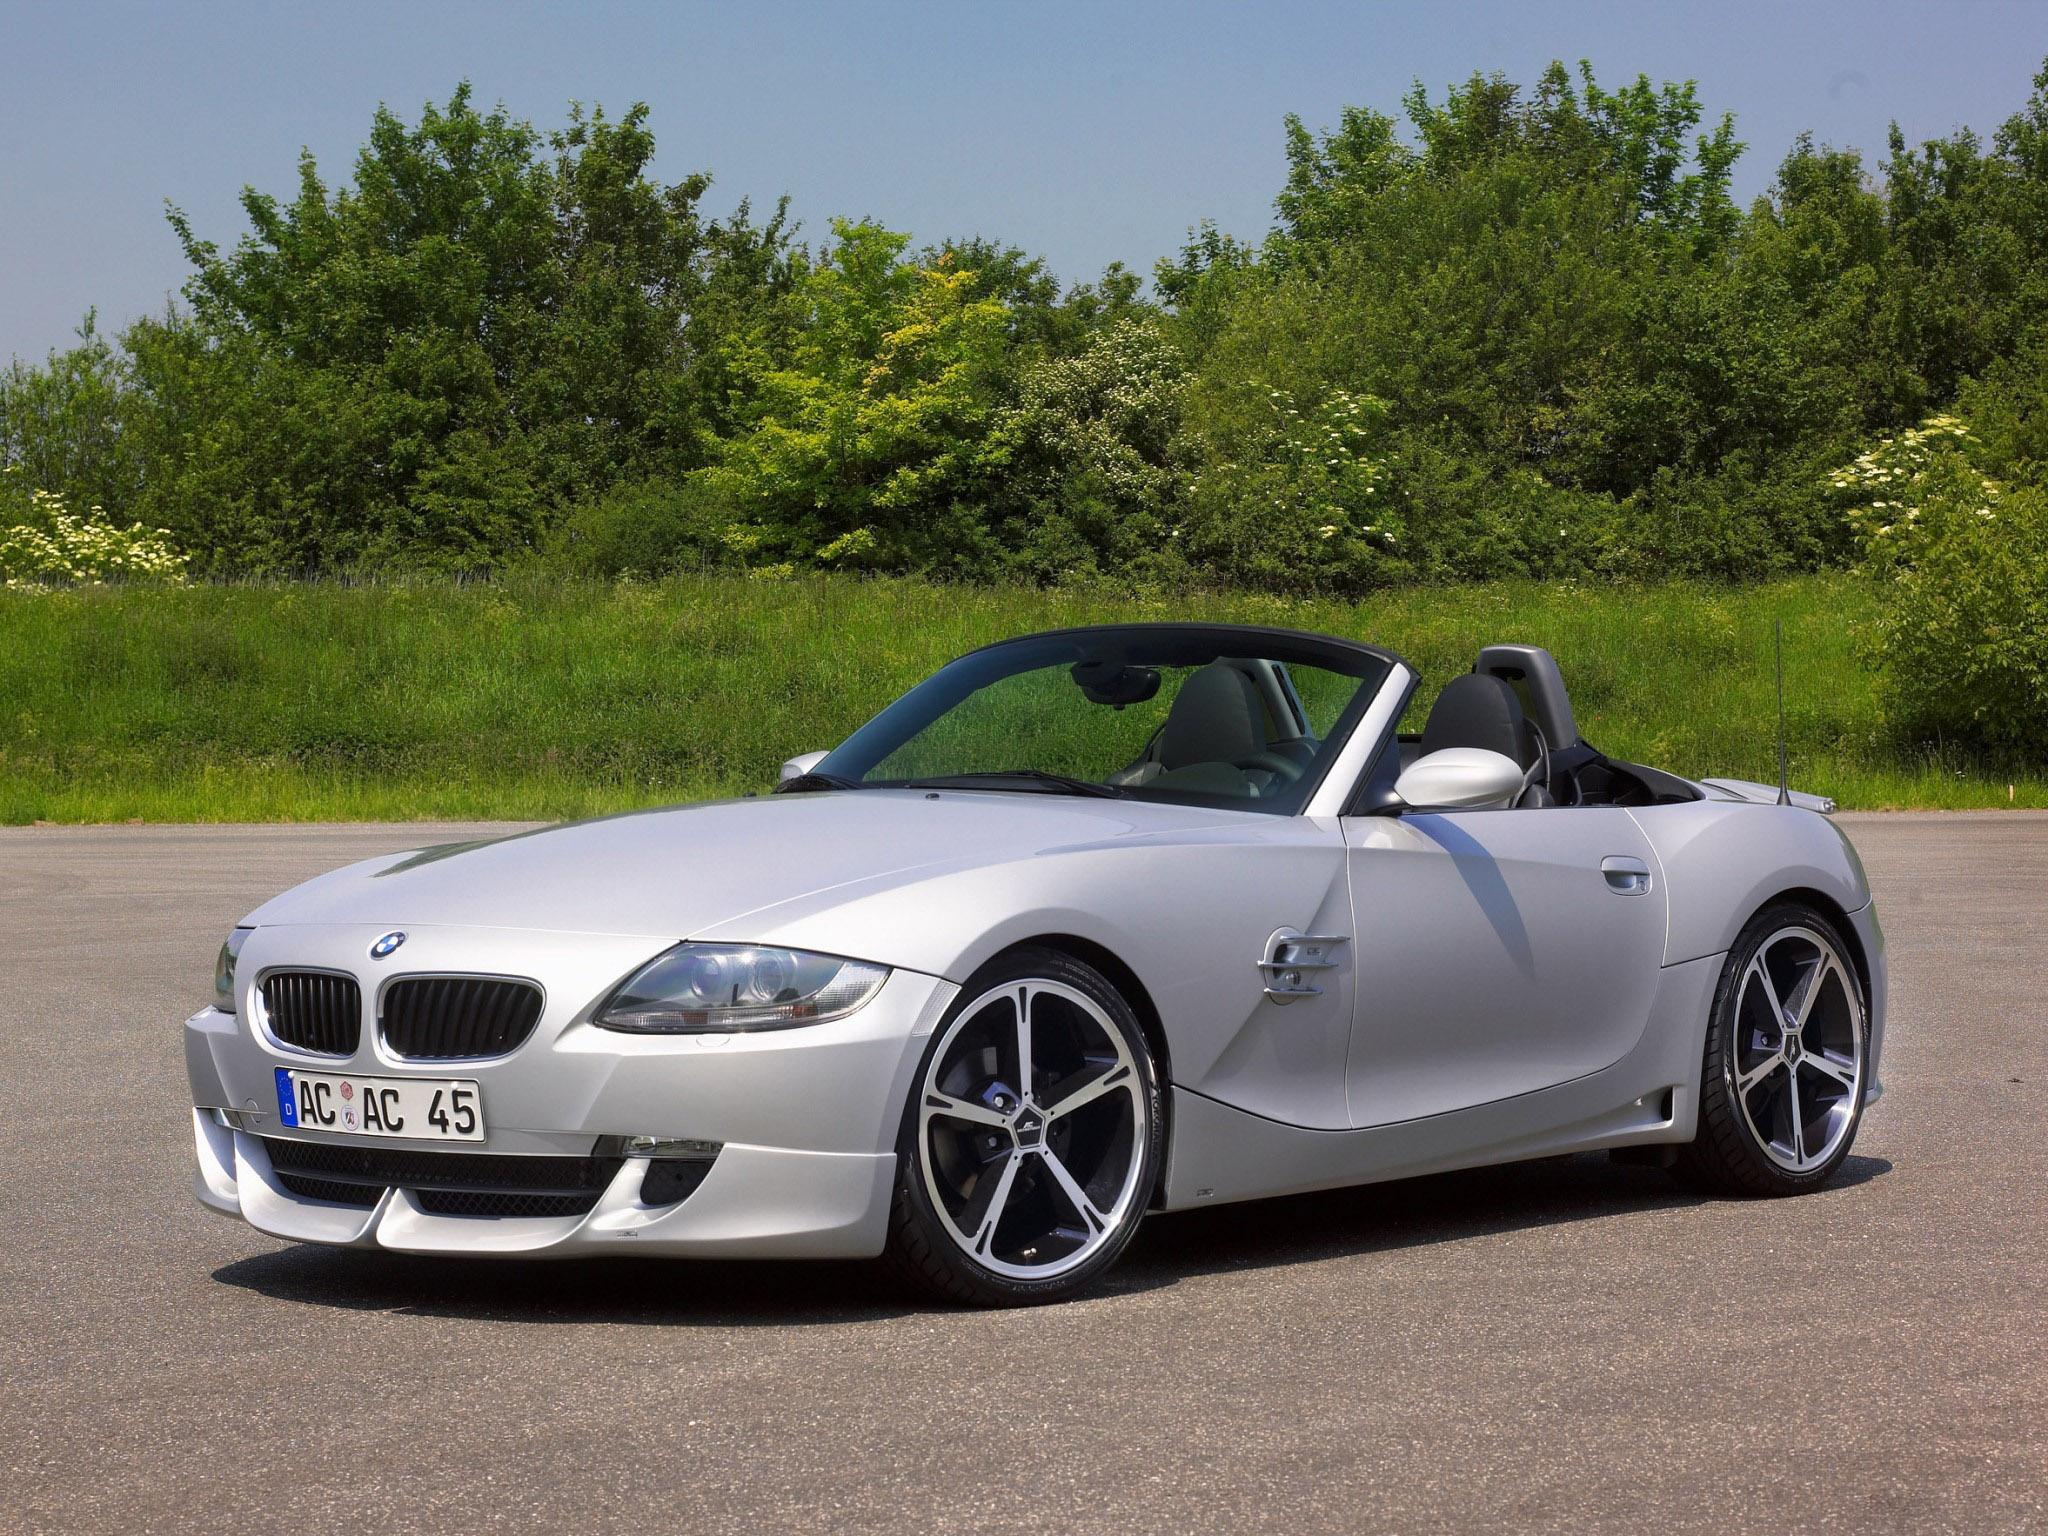 ac schnitzer bmw z4 acs4 sport roadster e85 2007 ac schnitzer bmw z4 acs4 sport roadster e85. Black Bedroom Furniture Sets. Home Design Ideas